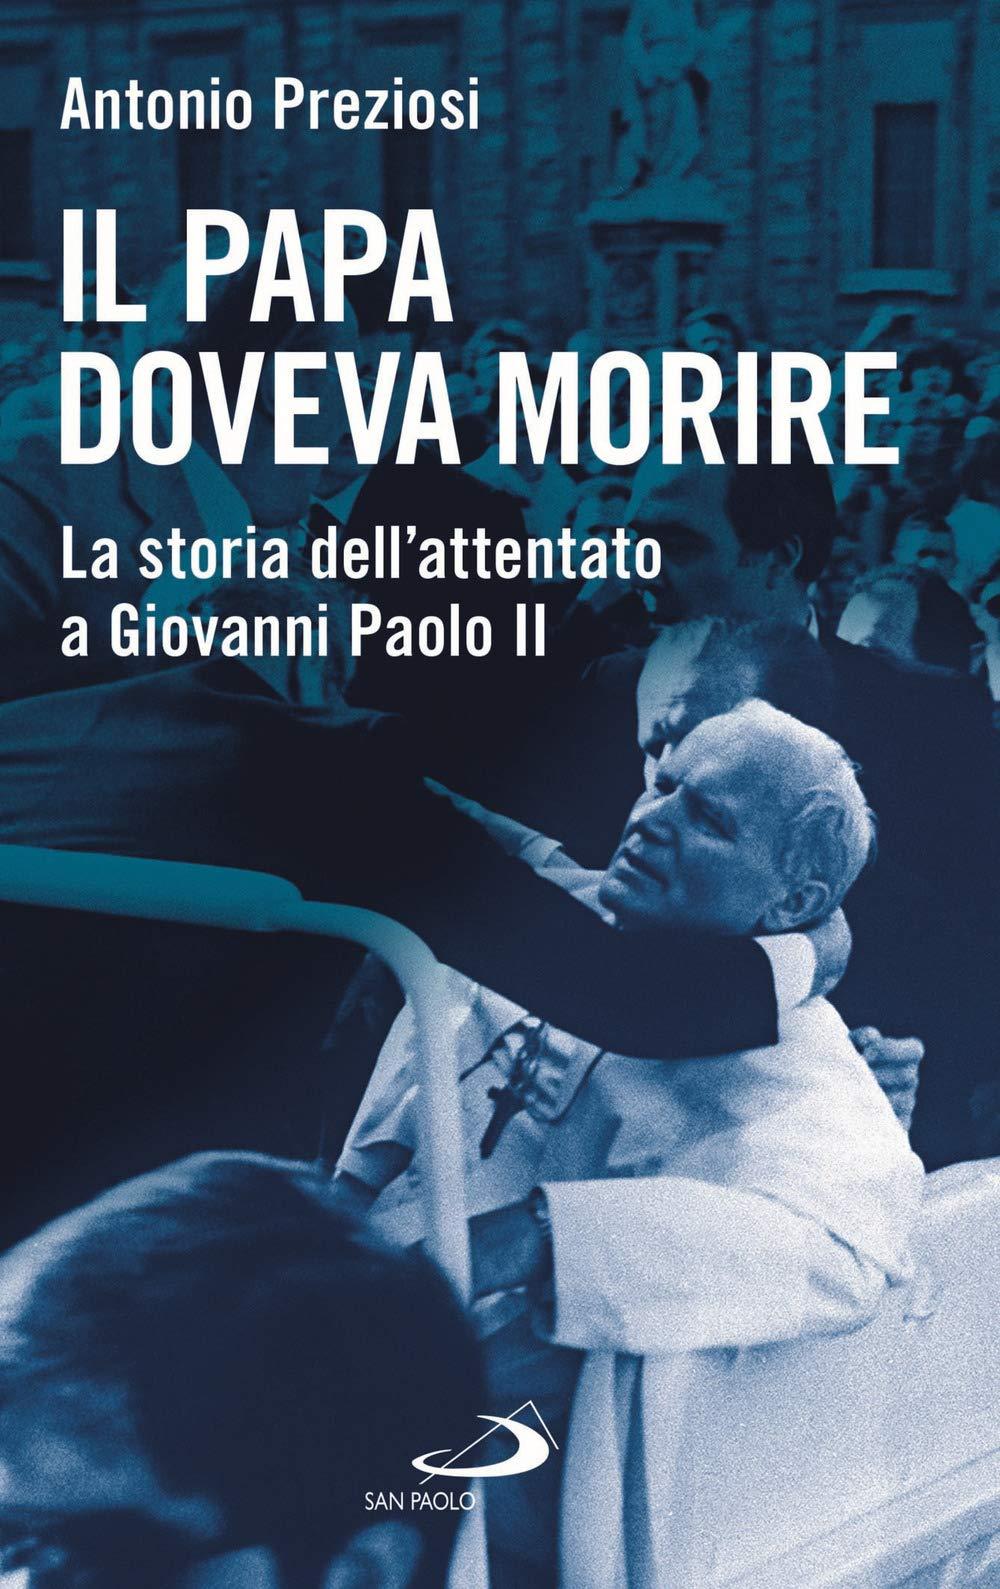 Il papa doveva morire. La storia dell'attentato a Giovanni Paolo II :  Preziosi, Antonio: Amazon.it: Libri